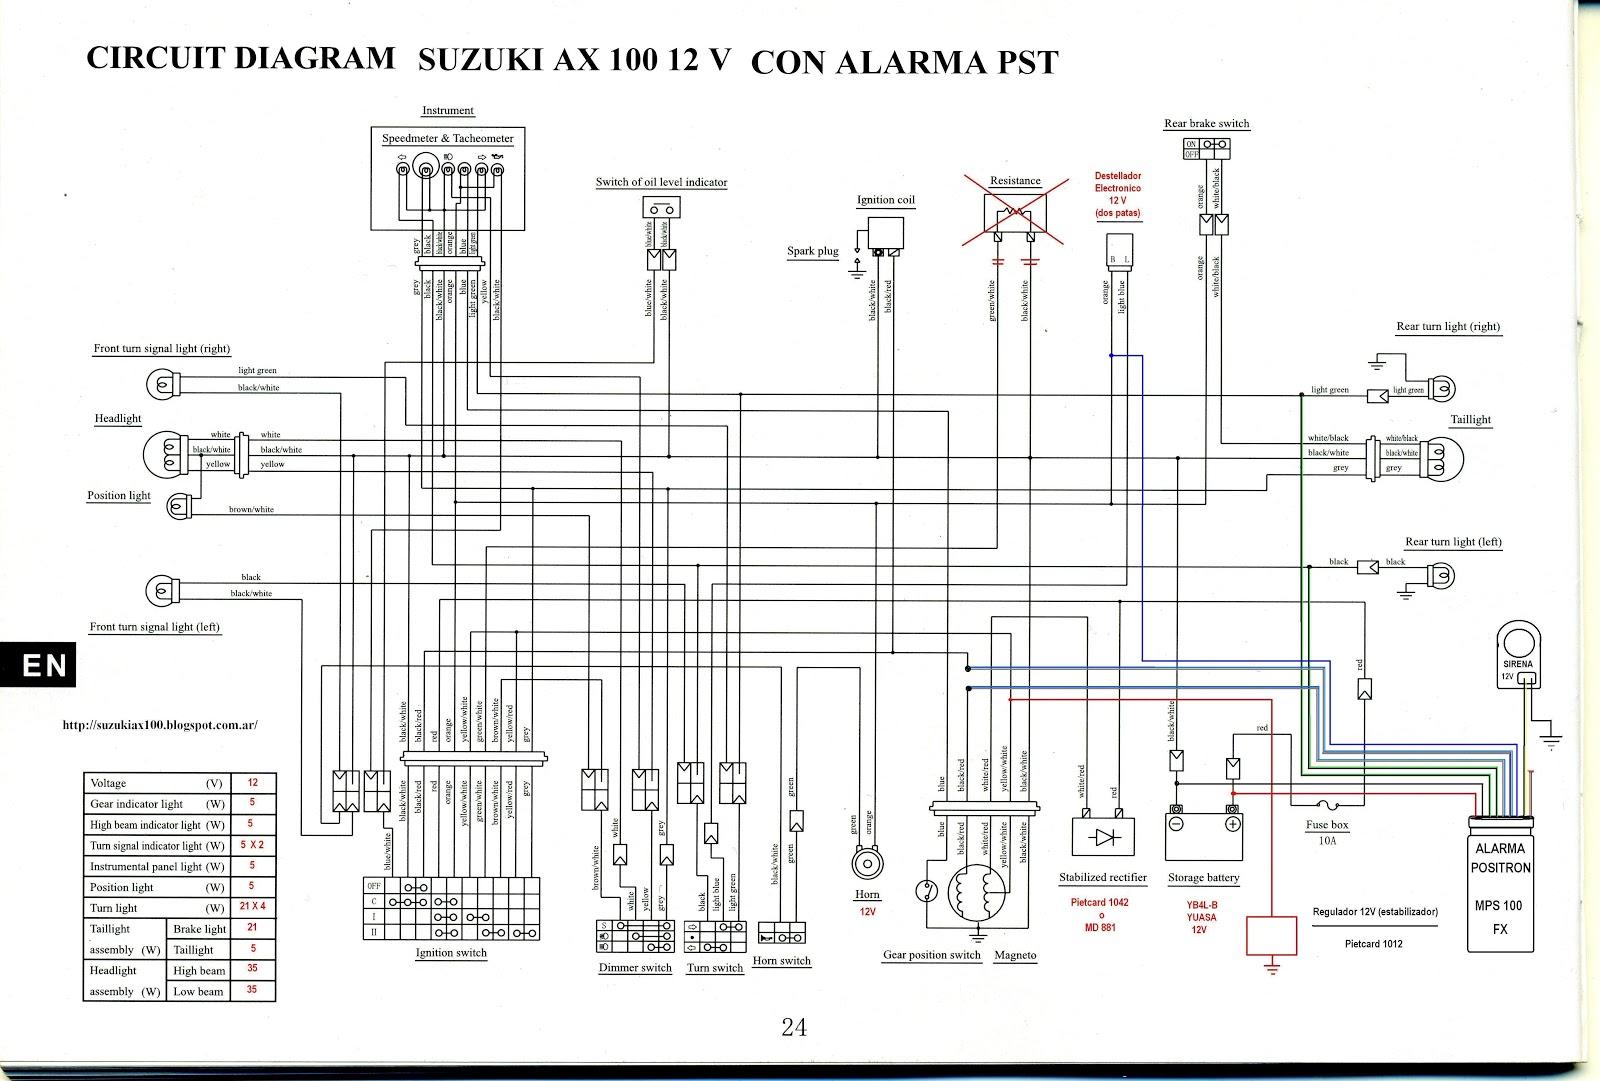 Wiring Diagram Http Wwwjustanswercom Gm 4fiwy2008gmcwiring ... on